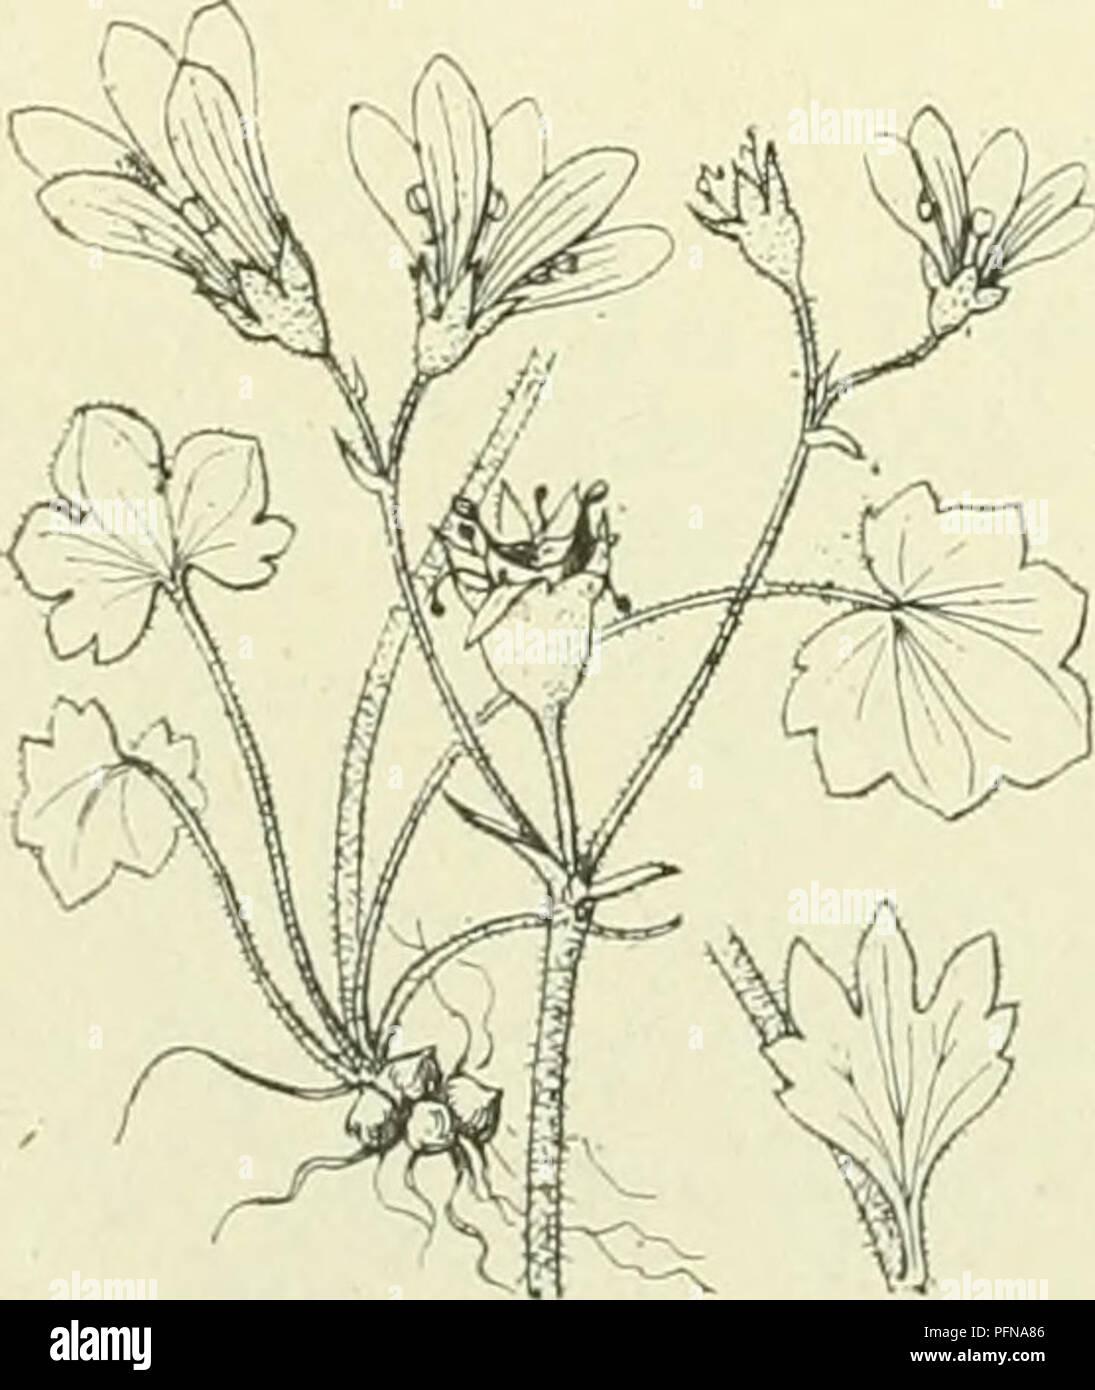 . De flora van Nederland. Plants. Engeland, IJsland) zullen de zeldzame vindplaatsen in ons land (Bergumerheide, Harder- wijk, bij Leimuiden, bij Amsterdam, Stolwijk) wel betrekking hebben op verwilderde planten. De plant wordt n.1. wel als sierplant gekweekt. S. tridactylites ')L. Kandelaartjes (fig. 584). Deze plant is geelgroen, klierachig kort behaard. De wortel is dun, er zitten geen knolletjes op. De stengel is rechtopstaand, dun, verspreid met bladen bezet, vaak roodachtig aangeloopen. De wor- telbladen vormen bijna een roset, zijn spatelvormig, onge- deeld of 3-lobbig. De stengelbladen - Stock Image